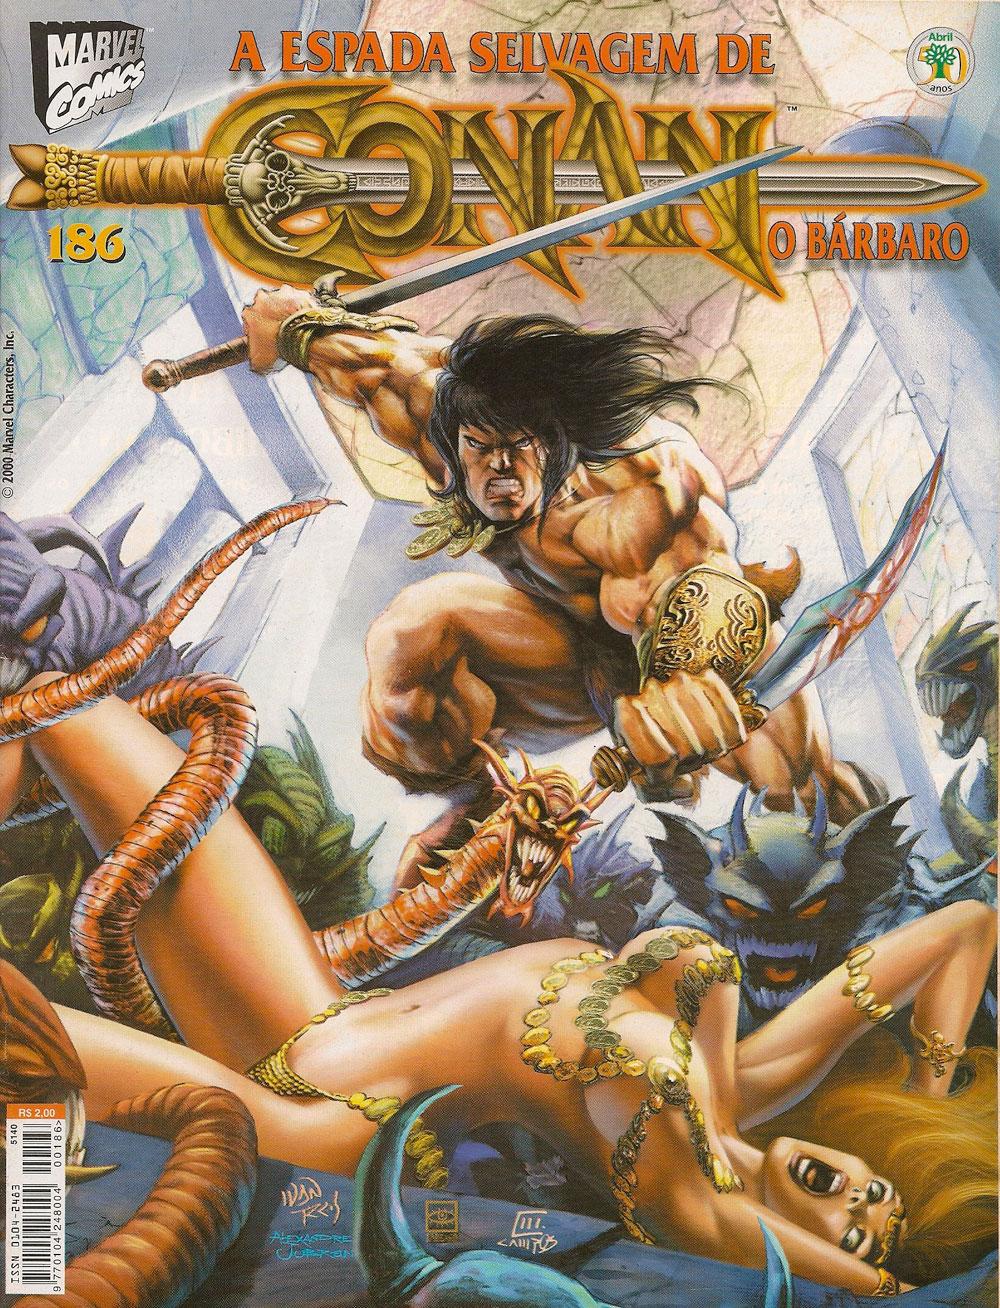 Capa: A Espada Selvagem de Conan 186